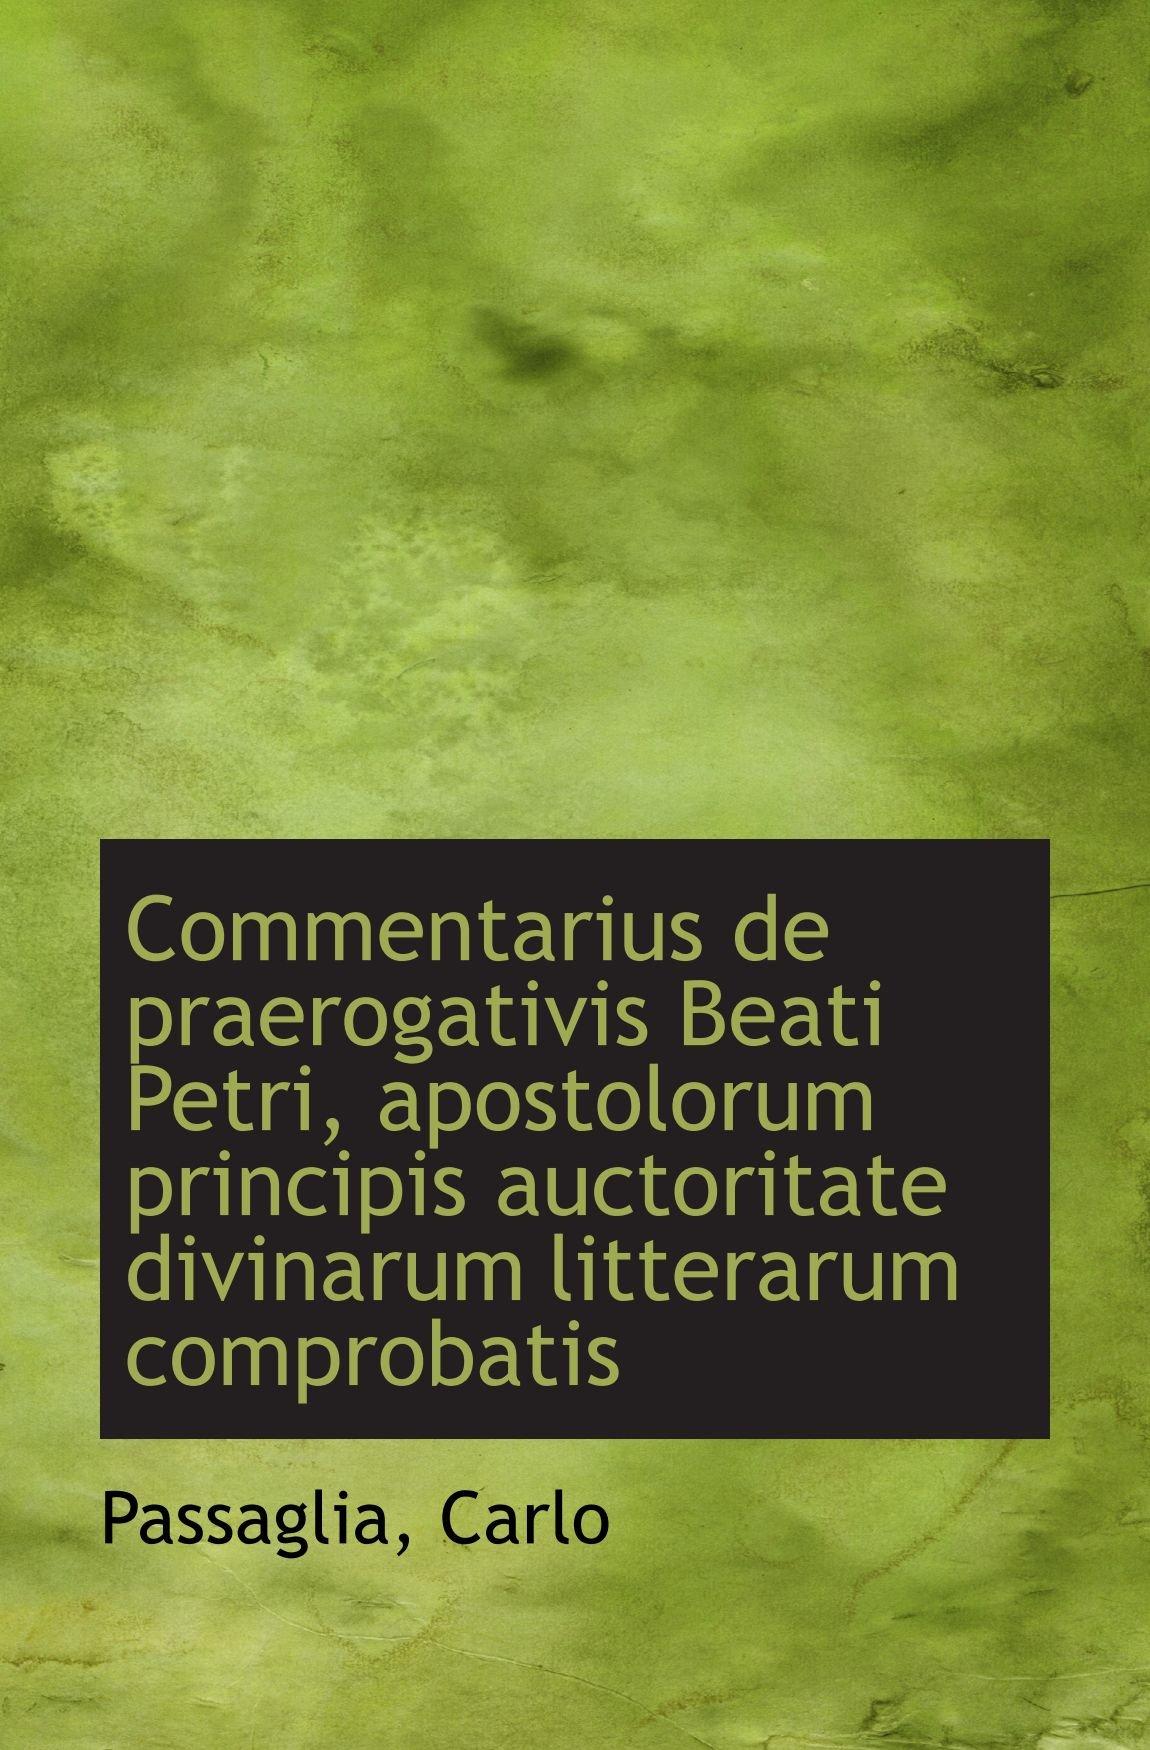 Commentarius de praerogativis Beati Petri, apostolorum principis auctoritate divinarum litterarum co (Latin Edition) PDF